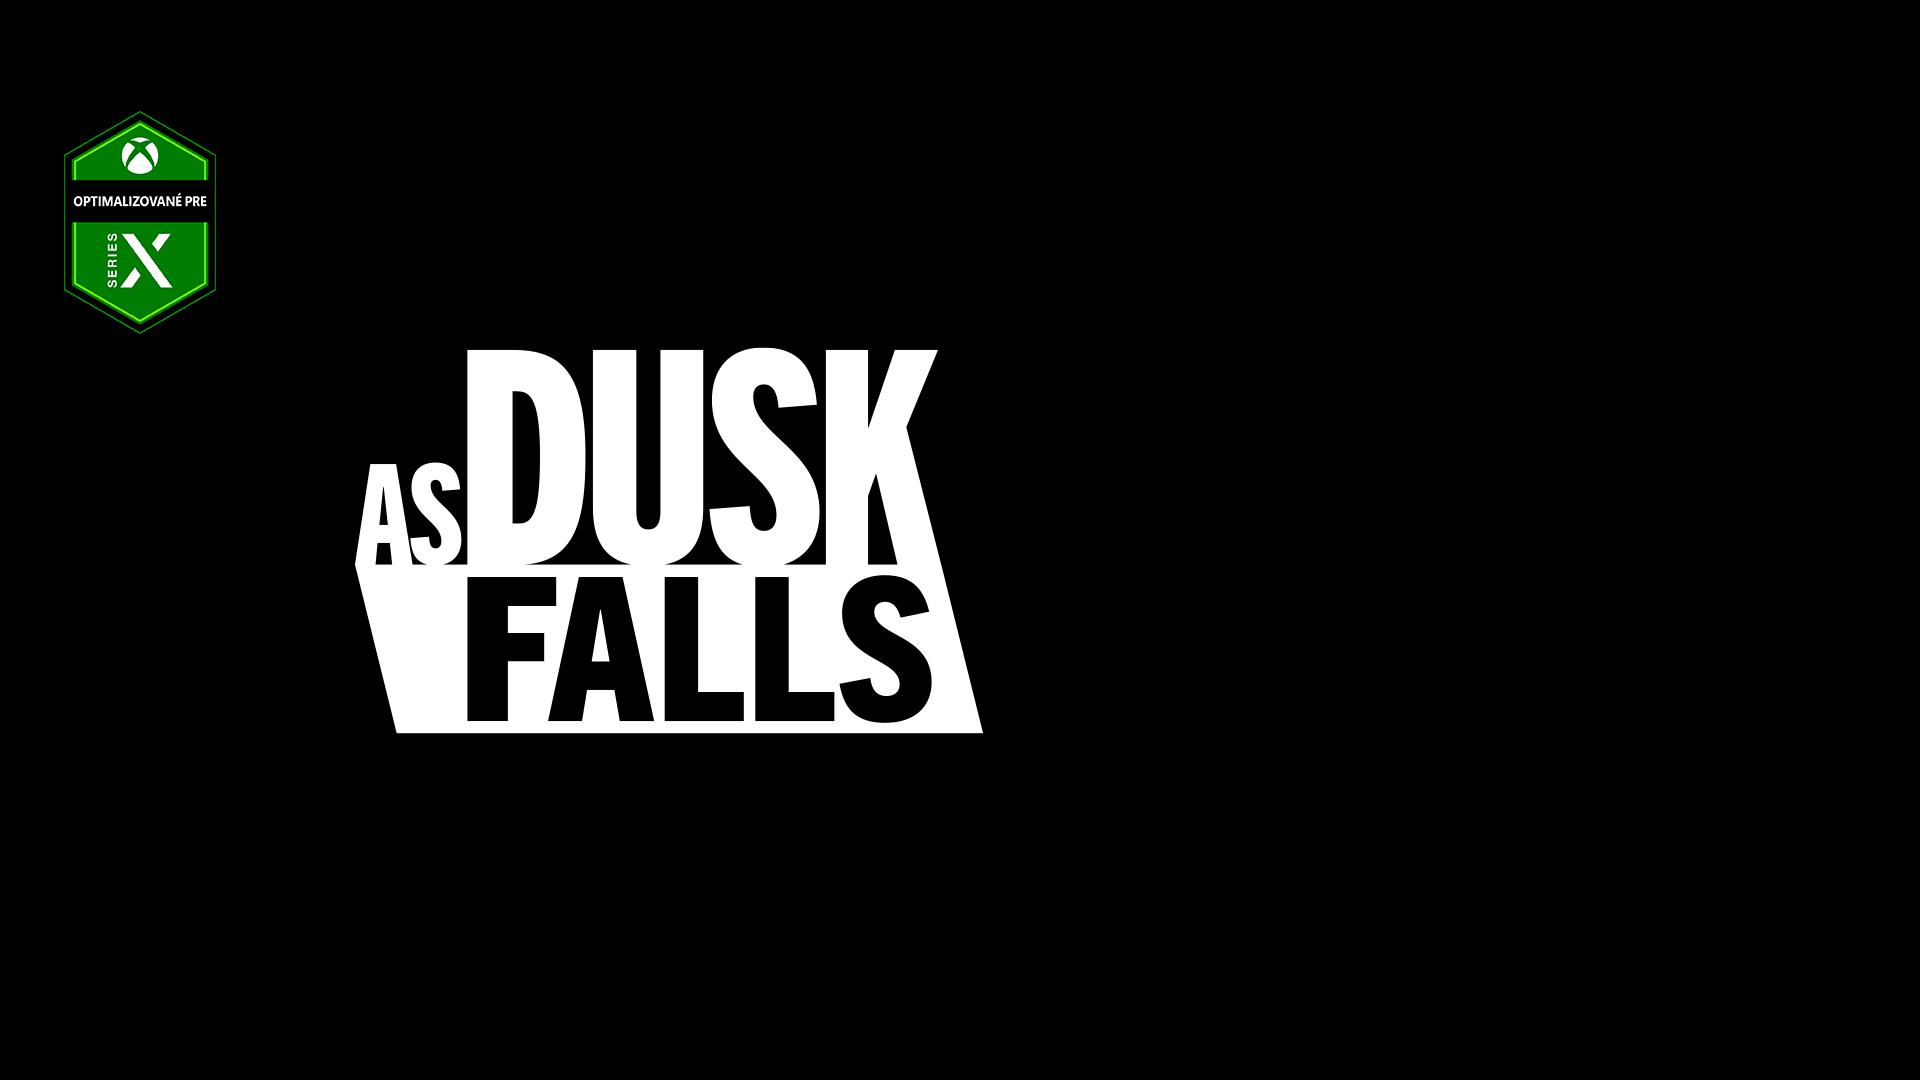 Optimalizované pre Series X logo, As Dusk Falls